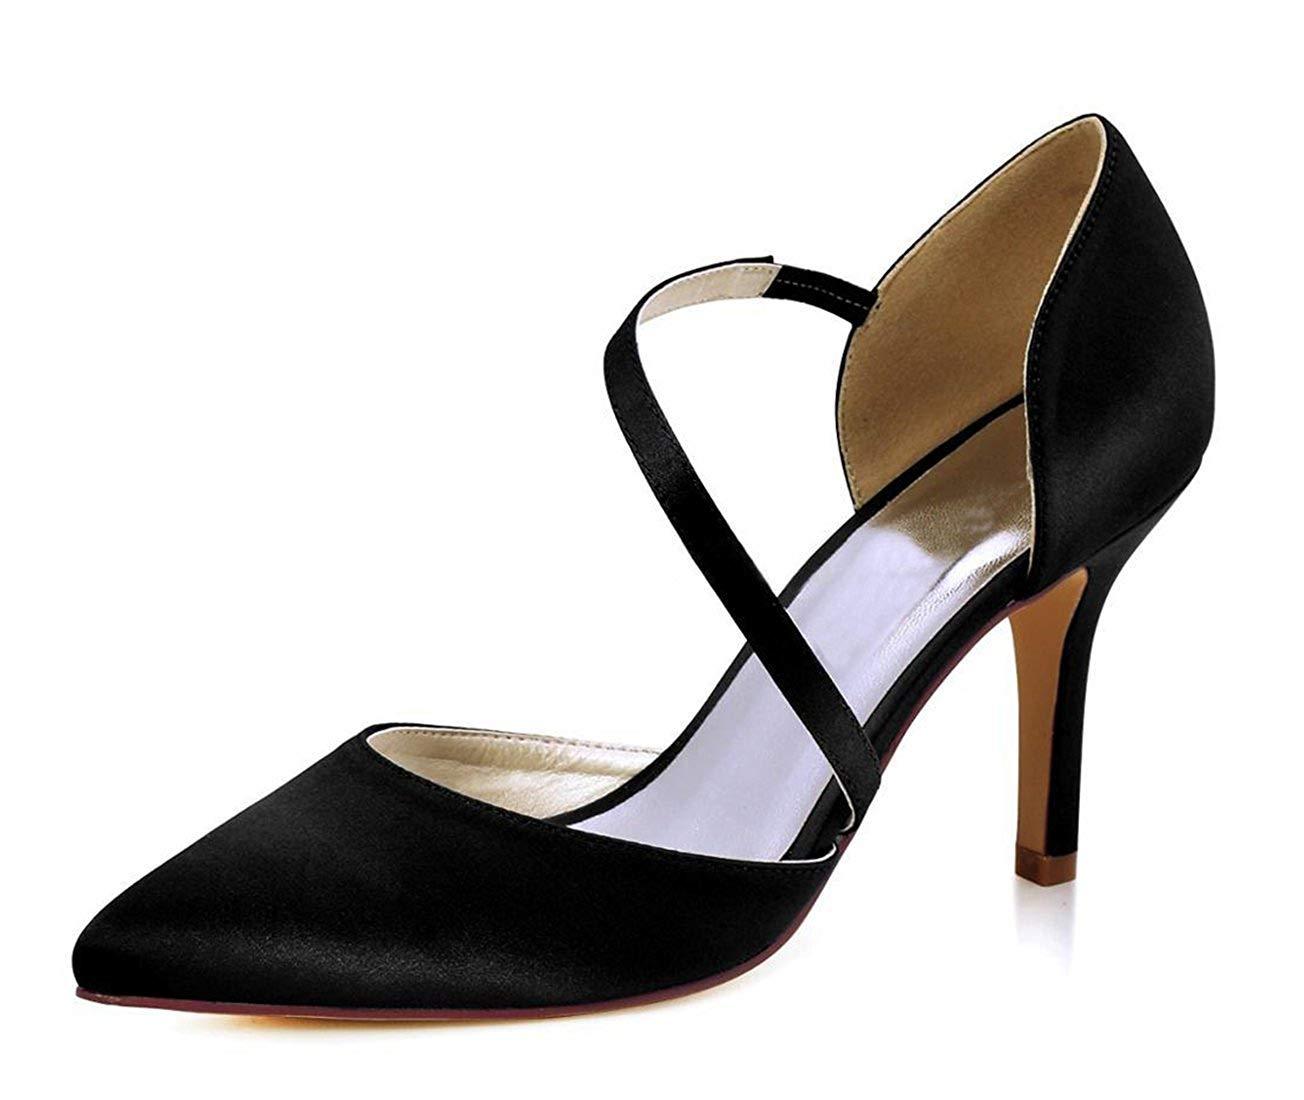 ZHRUI Damen-Spitzeknöchel-Verpackungs-Satin-Stilvolle Hochzeits-Geschäfts-Party-Schuhe (Farbe   schwarz-9cm Heel, Größe   6.5 UK)